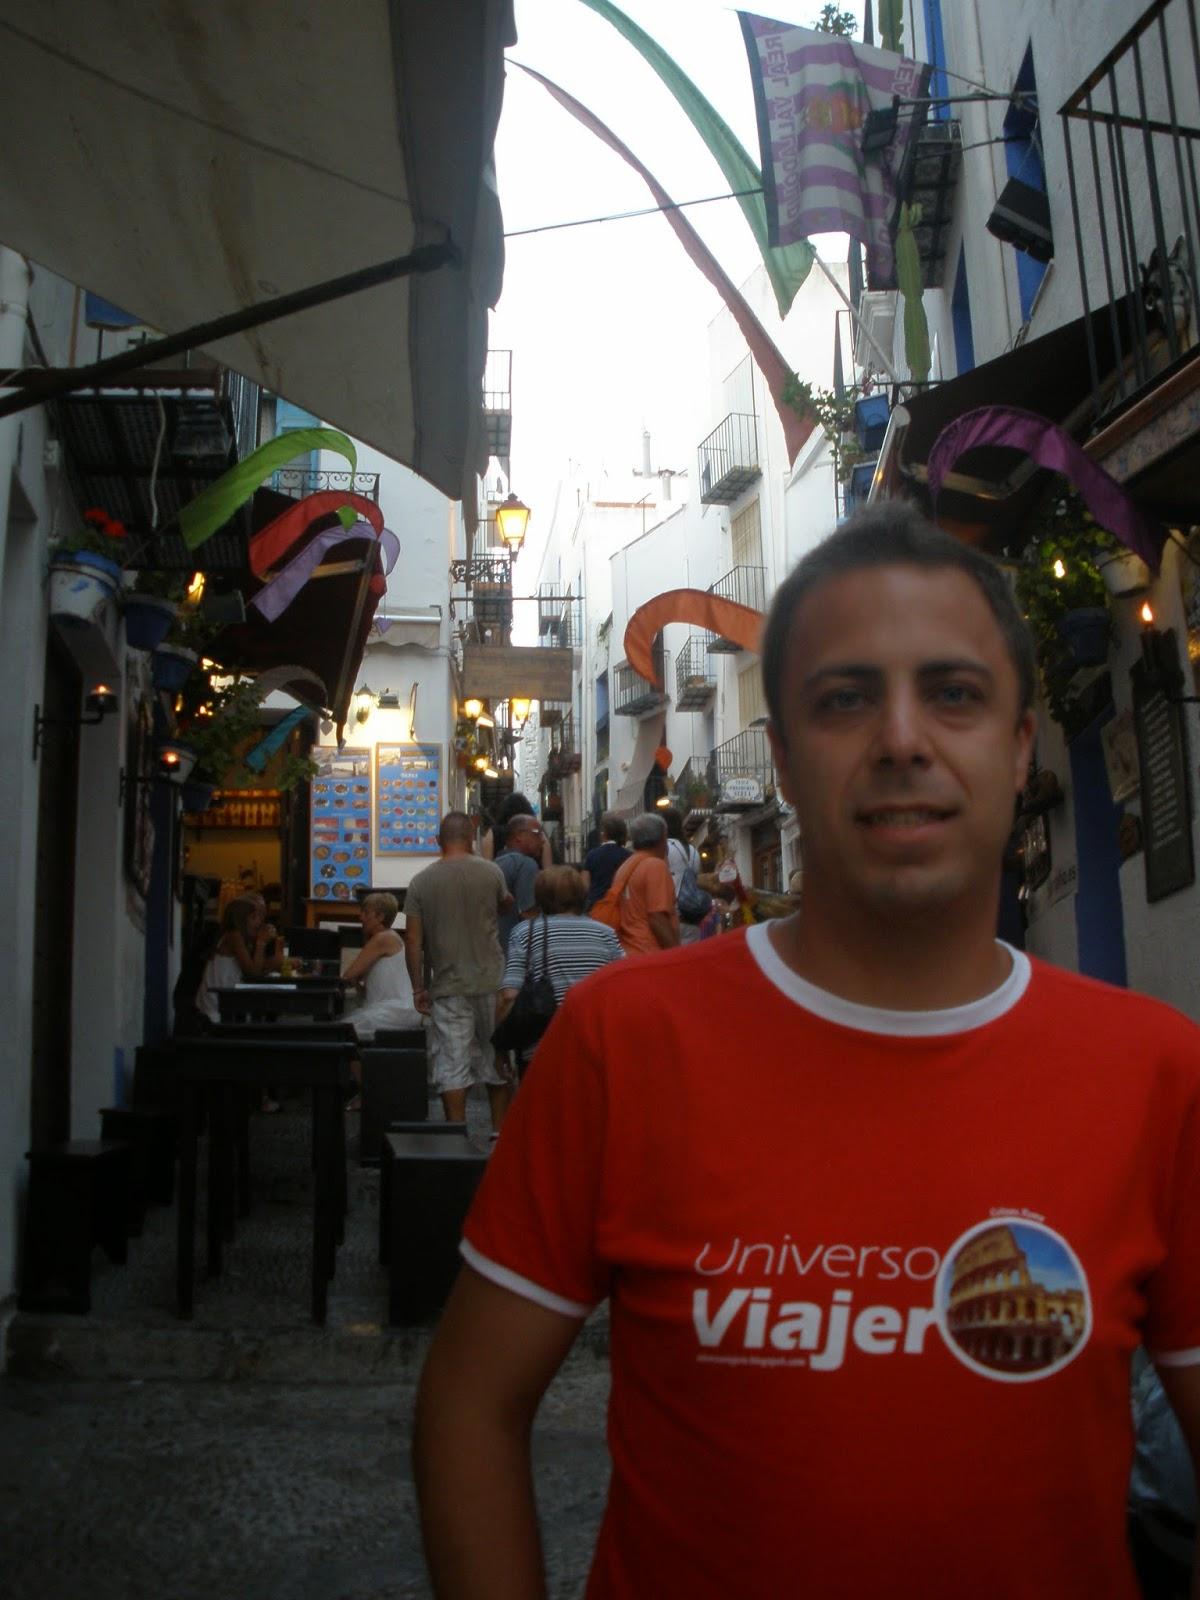 Las calles de Peñíscola están llenas de vida y colorido.